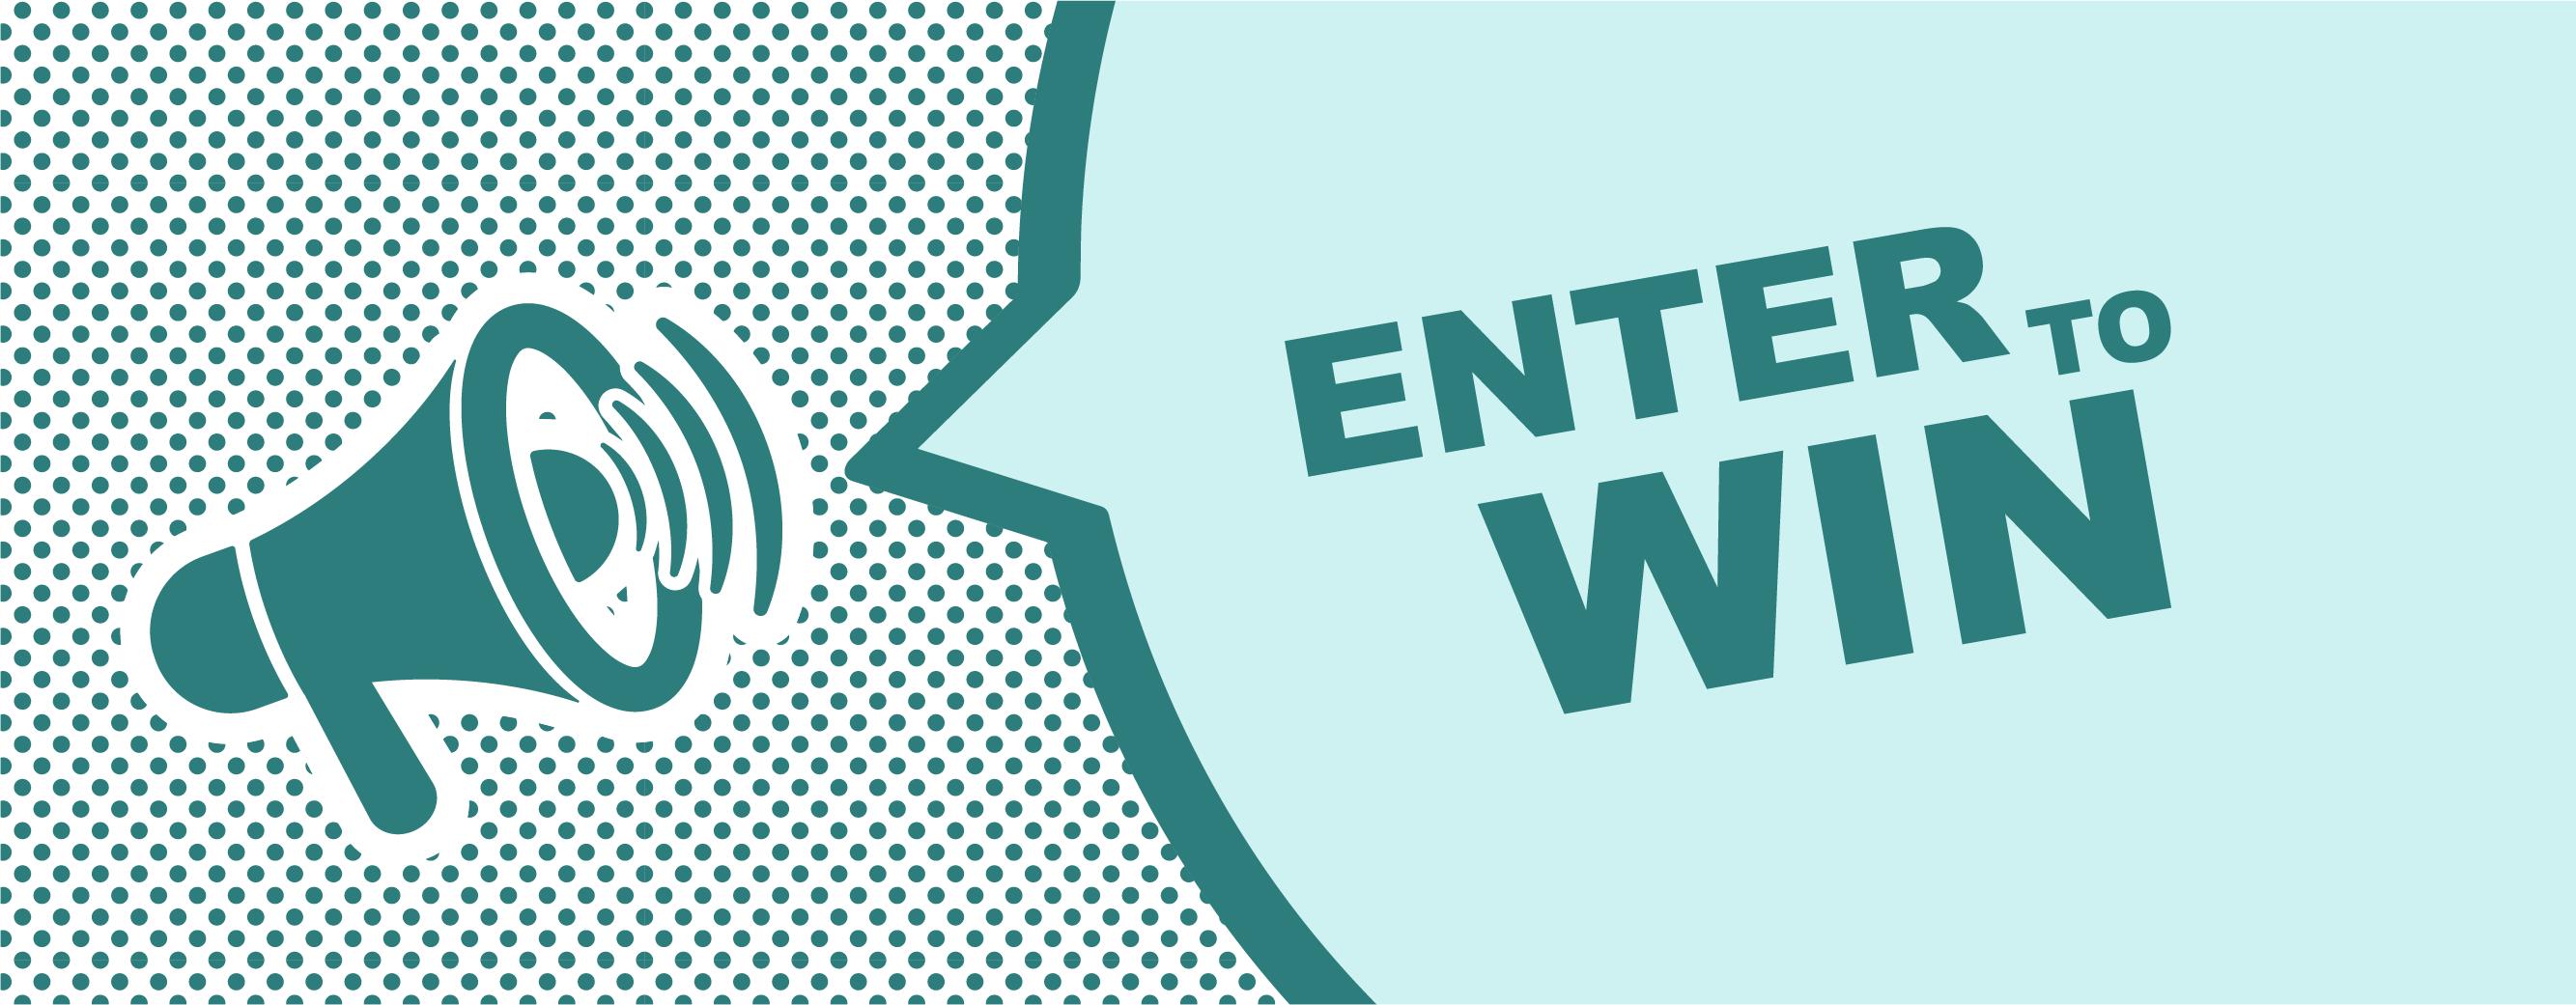 v8-Enter-to-win-01